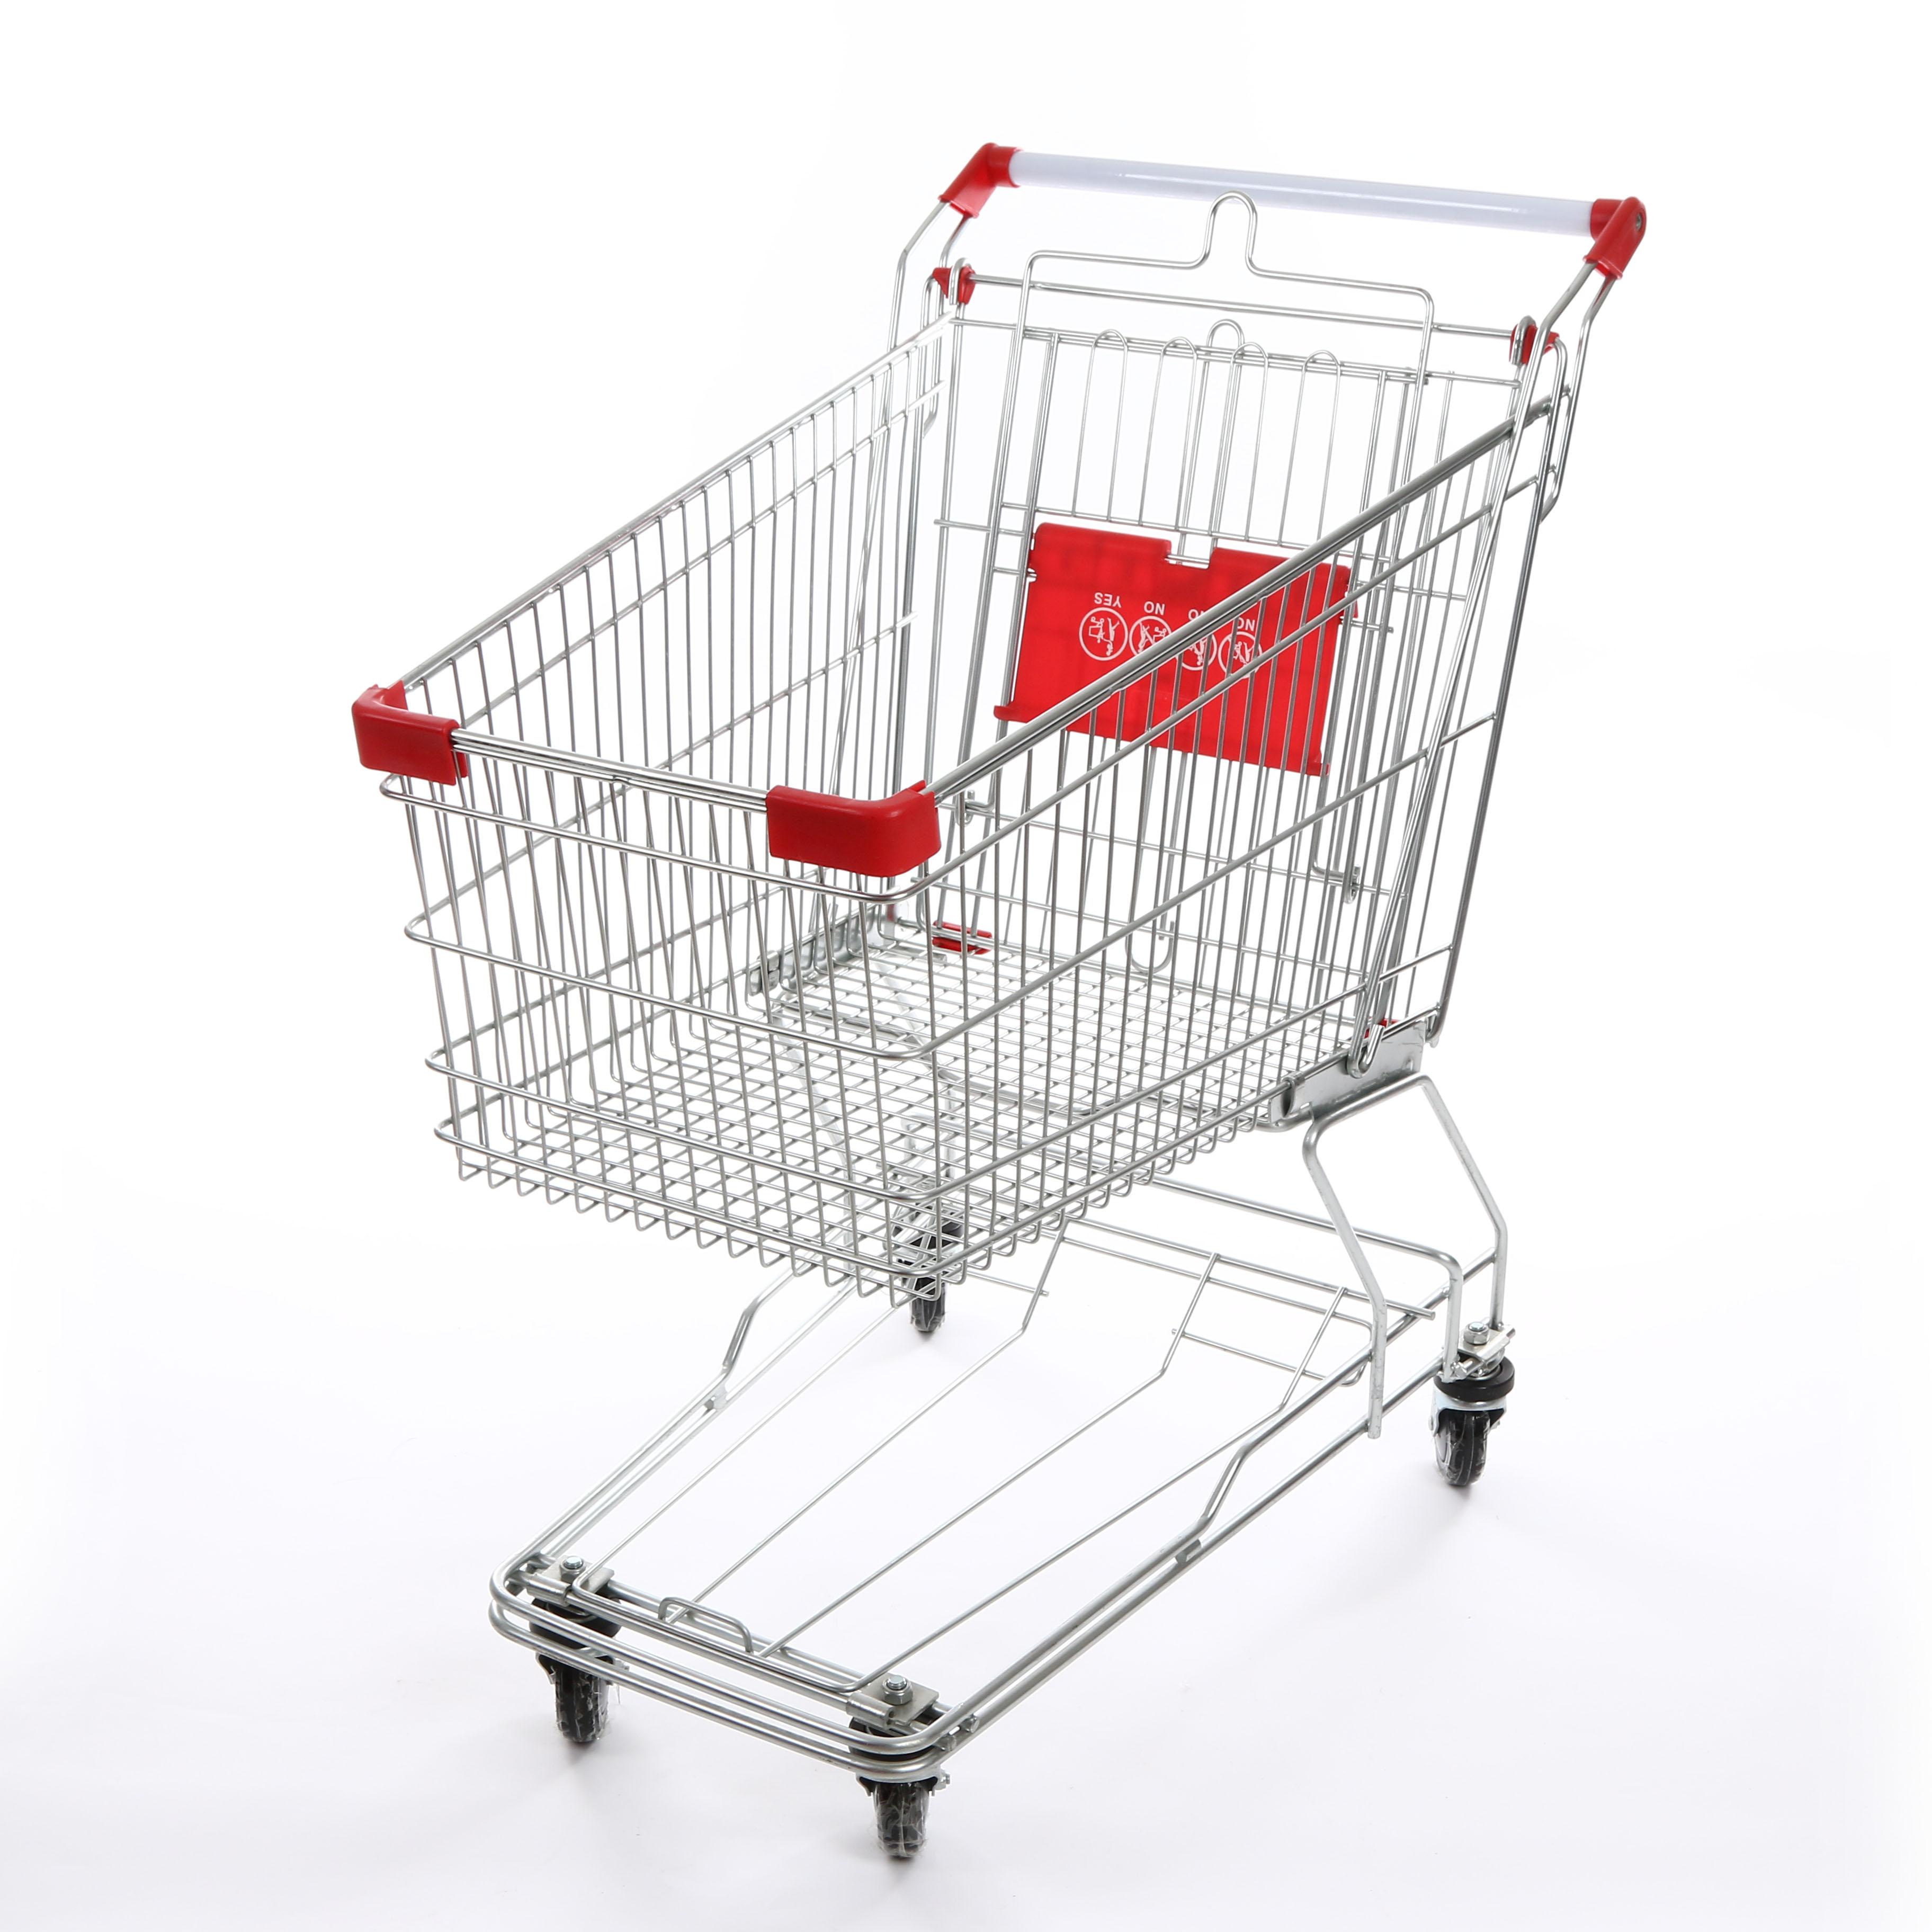 超市购物车卖场小推车超市推车超市手推车推车超市车